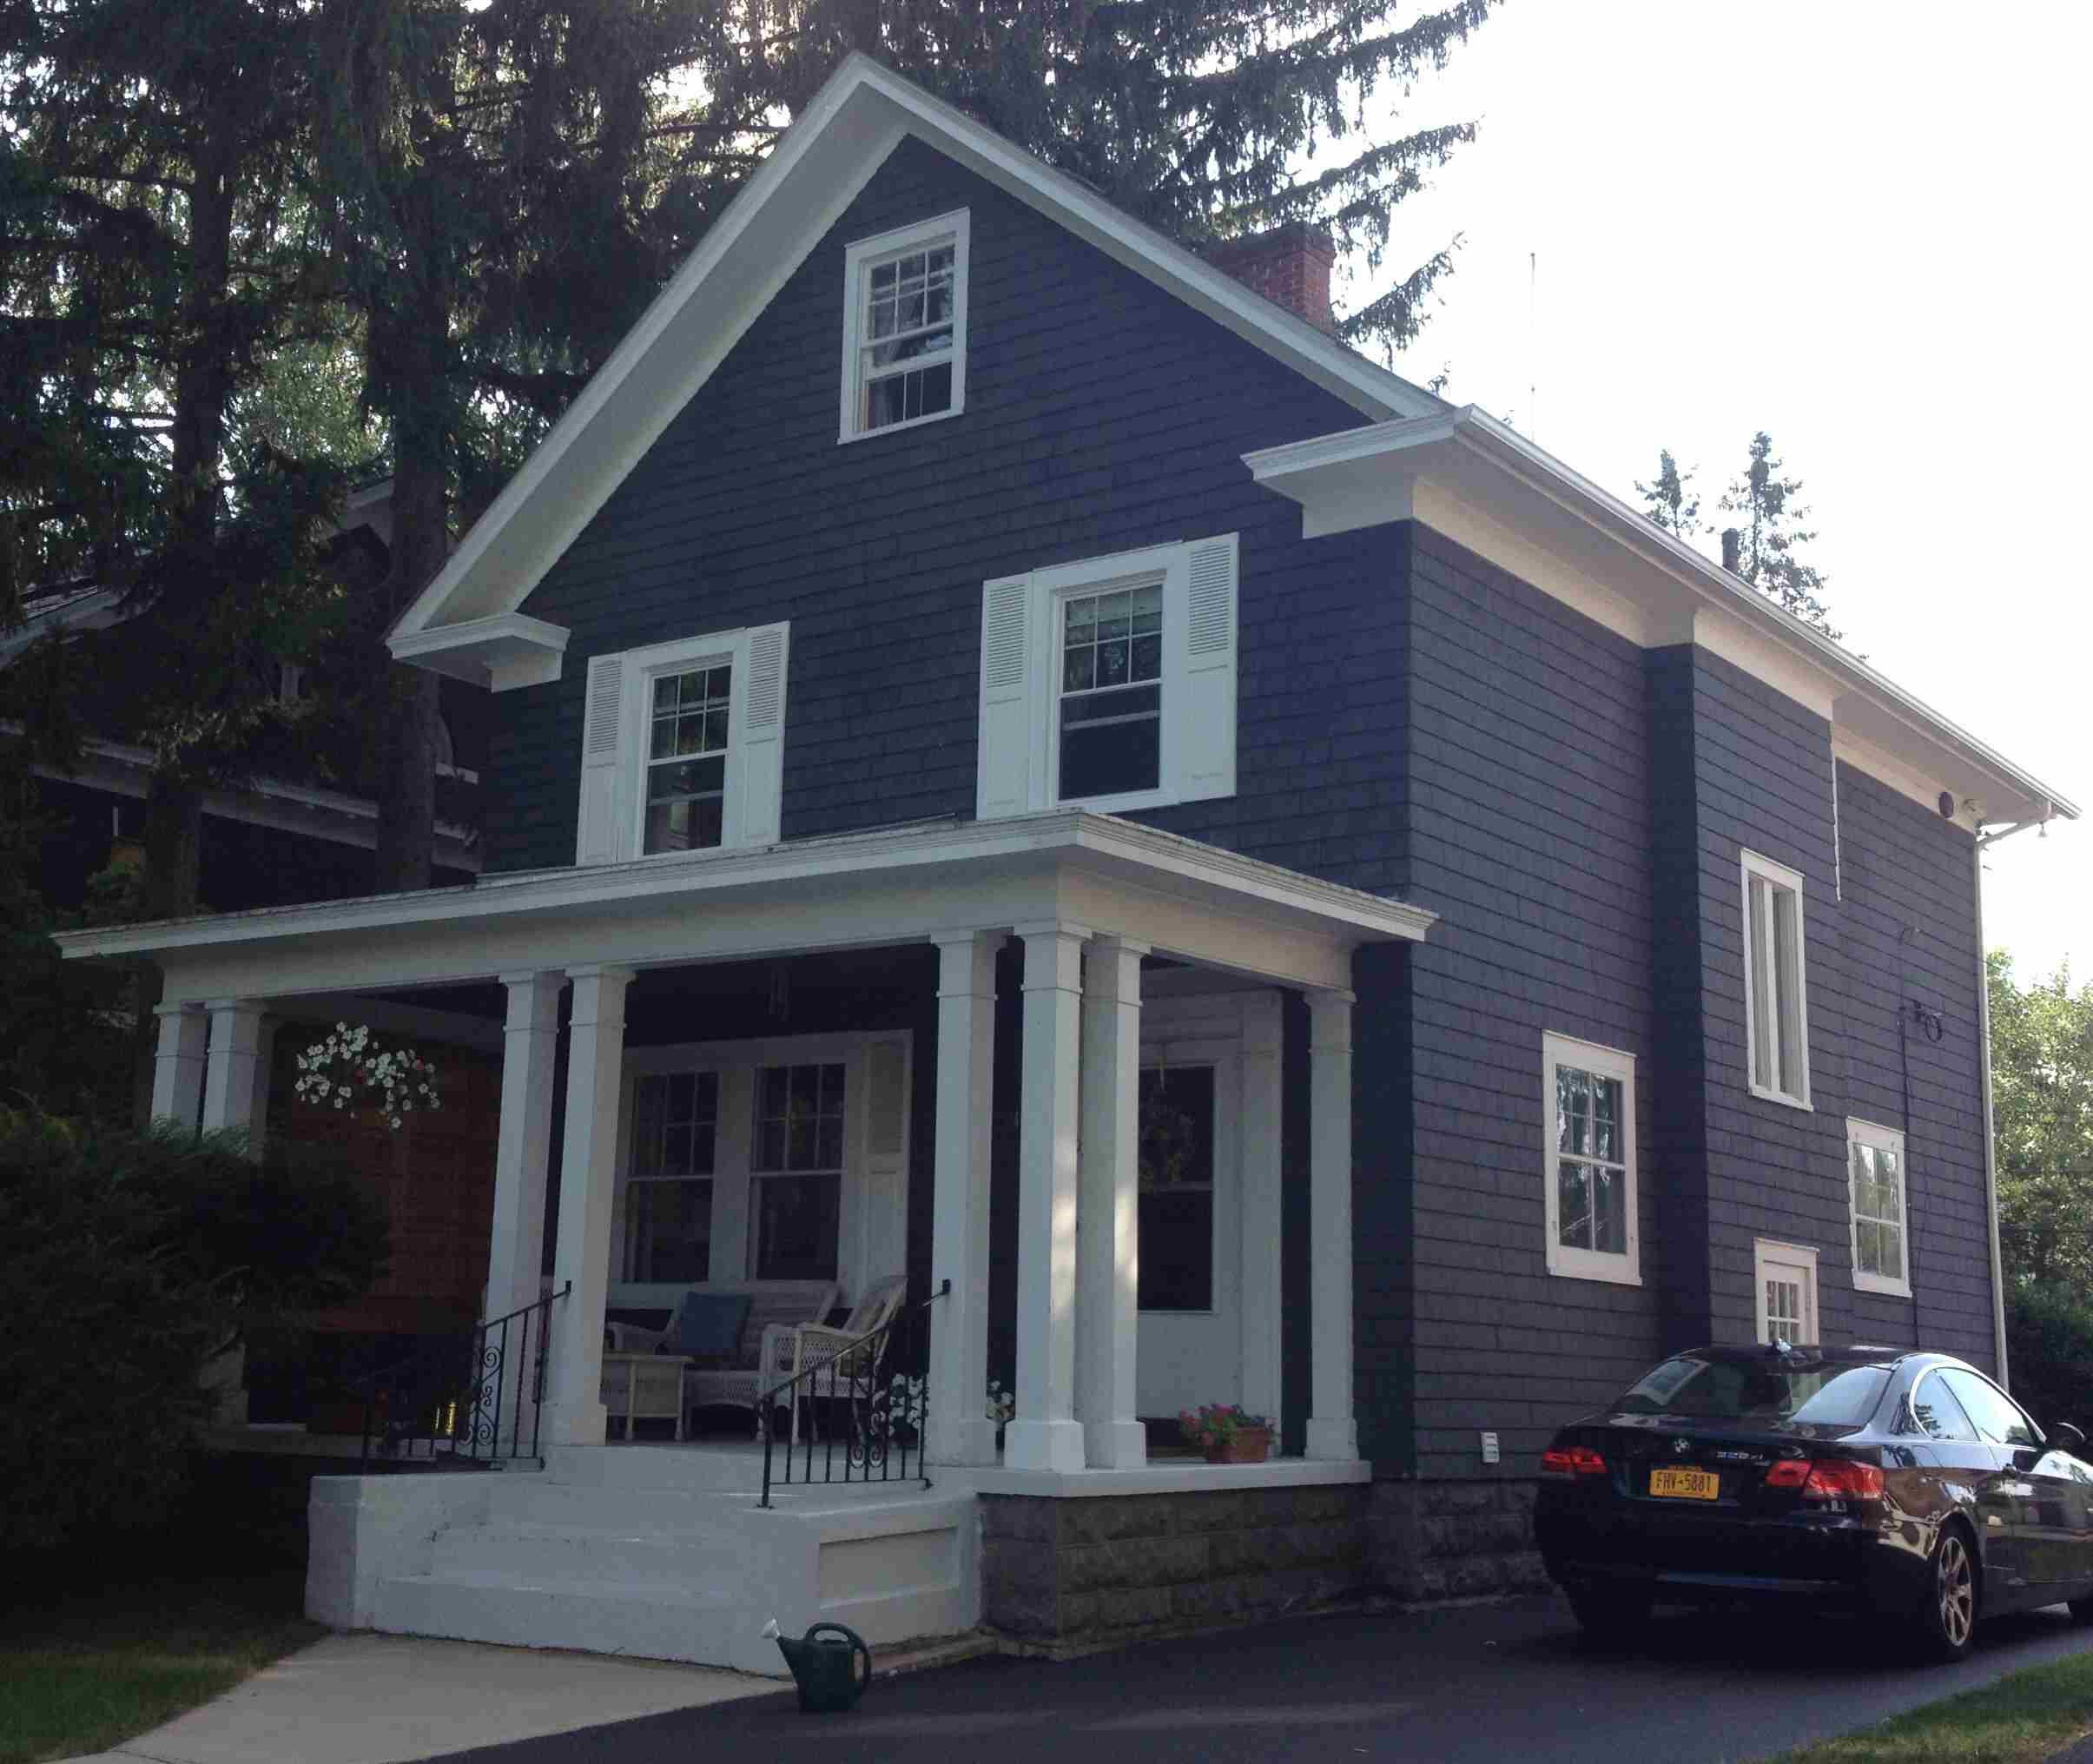 Casa gris y blanca en el norte del estado de Nueva York